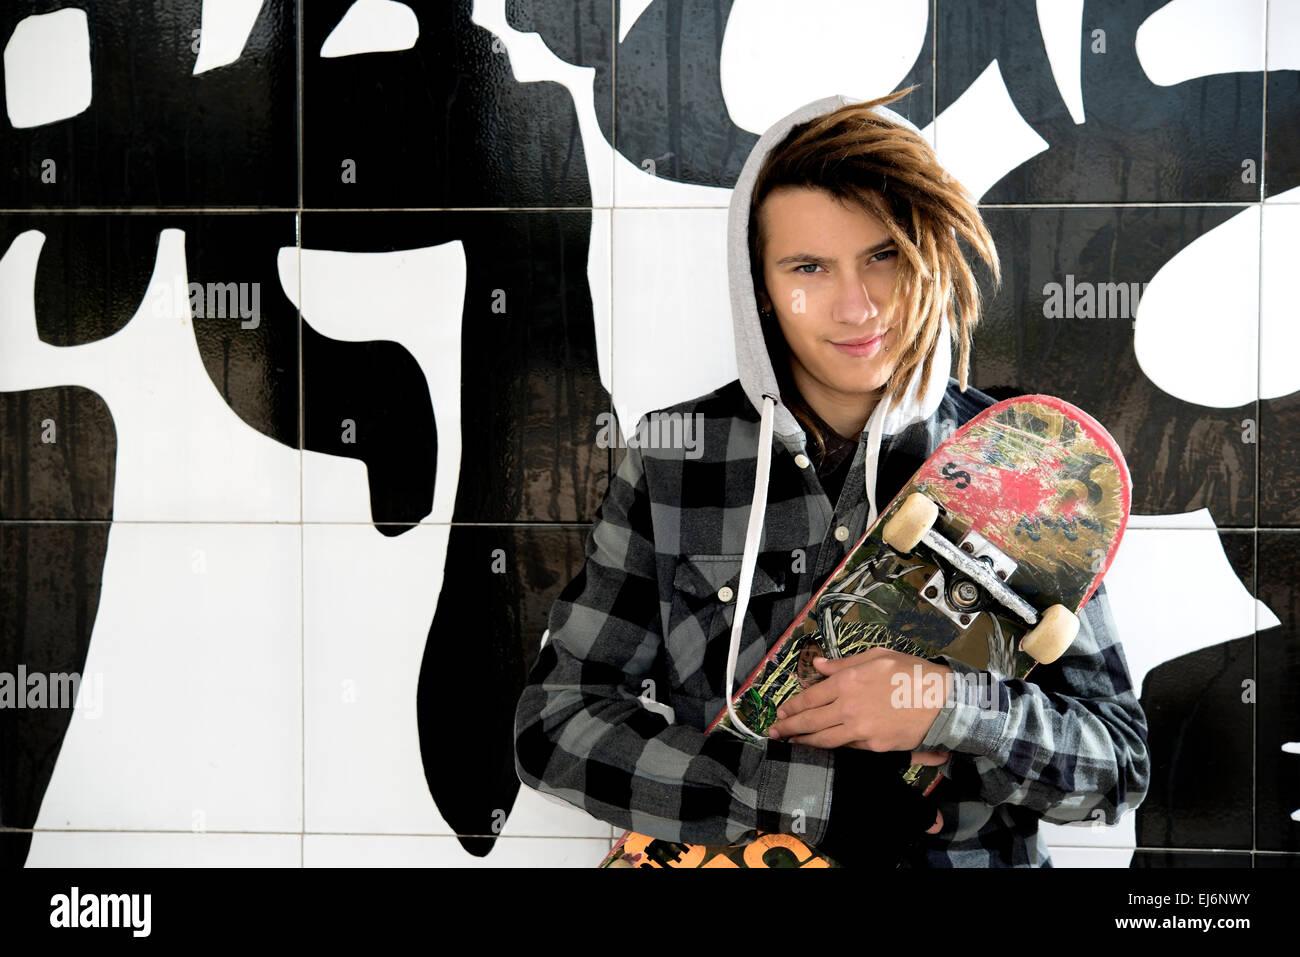 Porträt des jungen Kerl mit Skate und Rasta Haar in ein Lifestyle-Konzept Stockbild